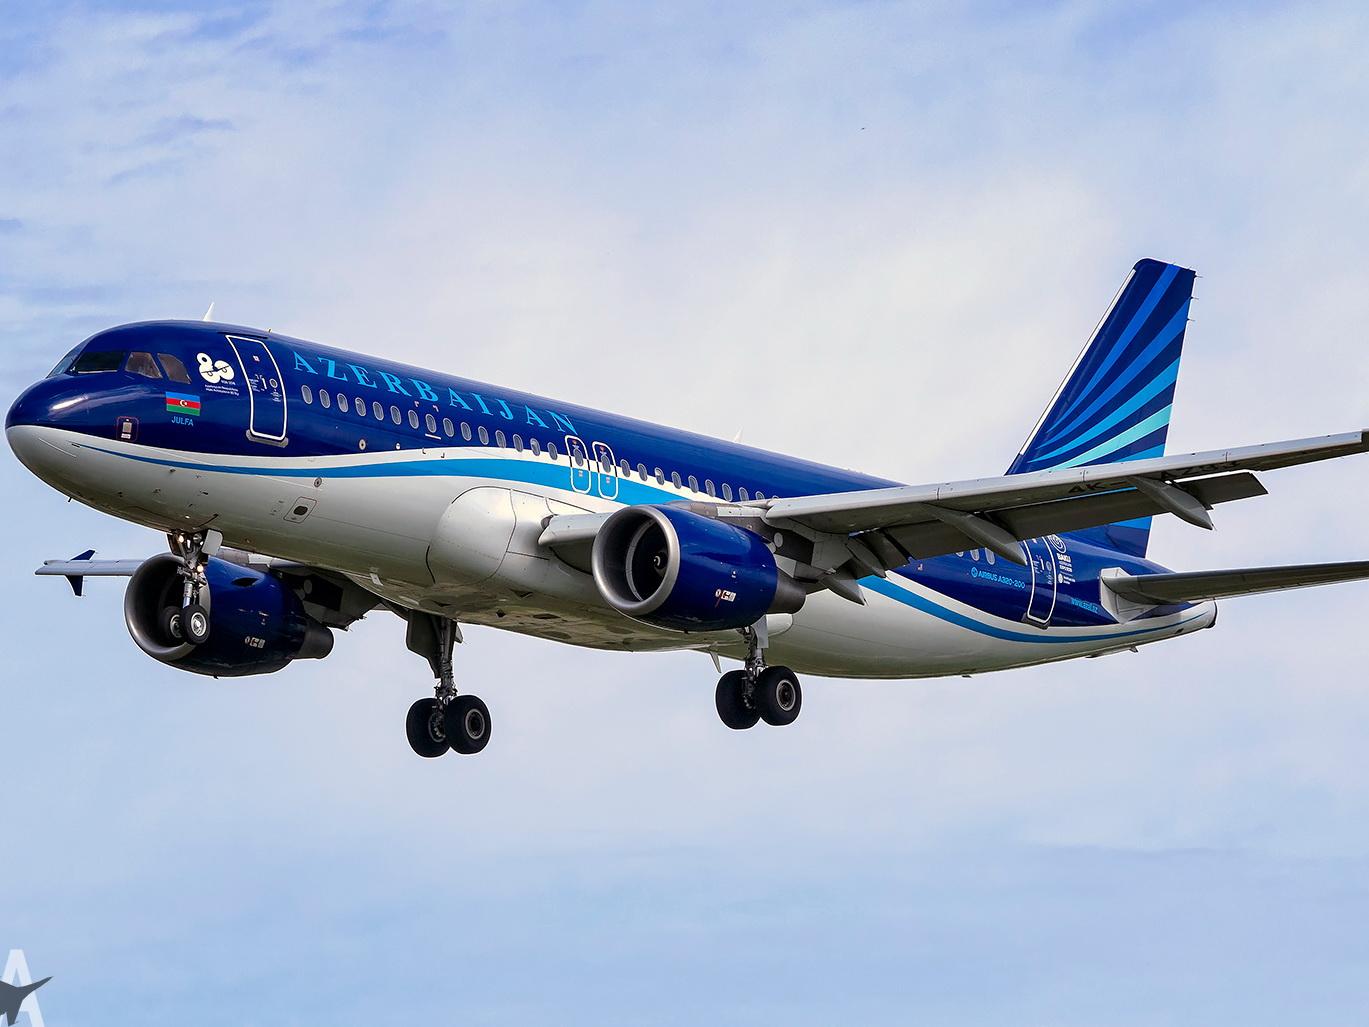 Продажа билетов на рейсы Баку-Нахчыван будет осуществляться по новой схеме